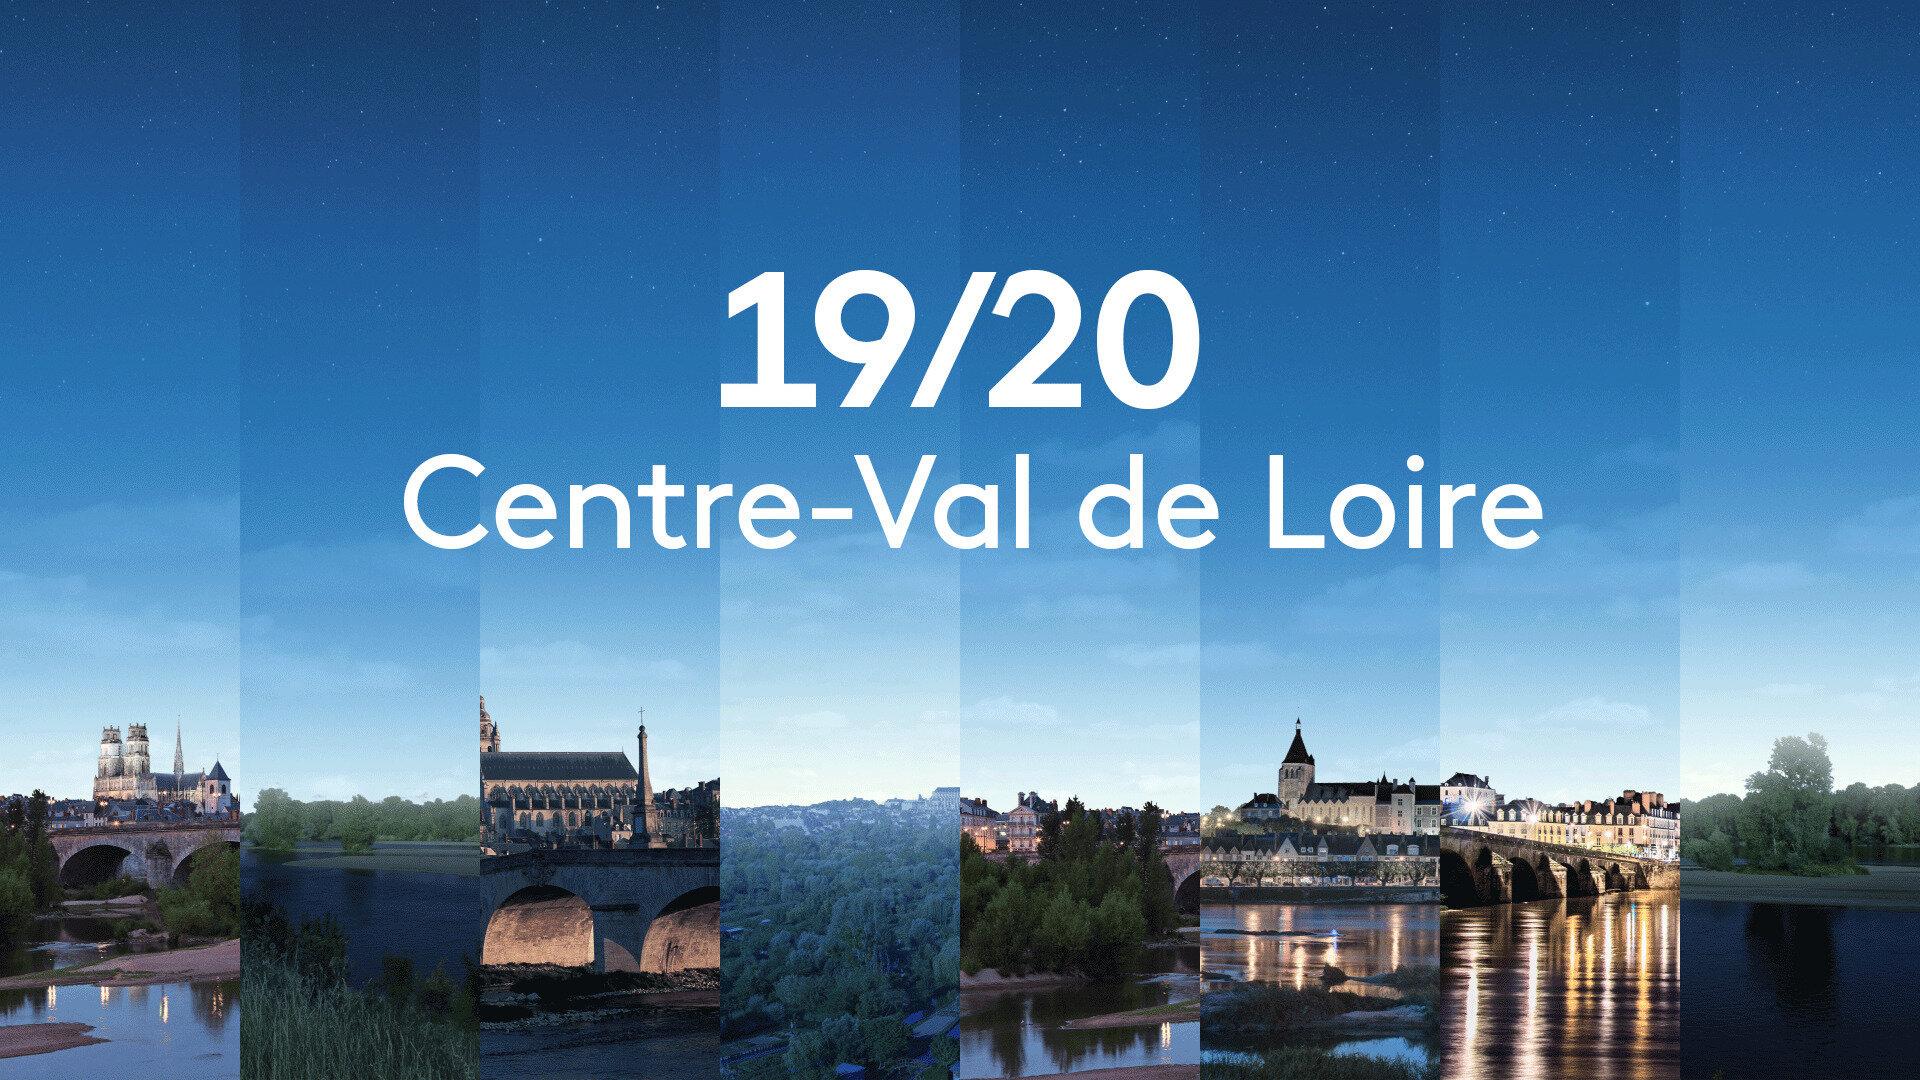 19/20 Centre-Val de Loire : Les Rendez-vous de l'Histoire de Blois : Le travail